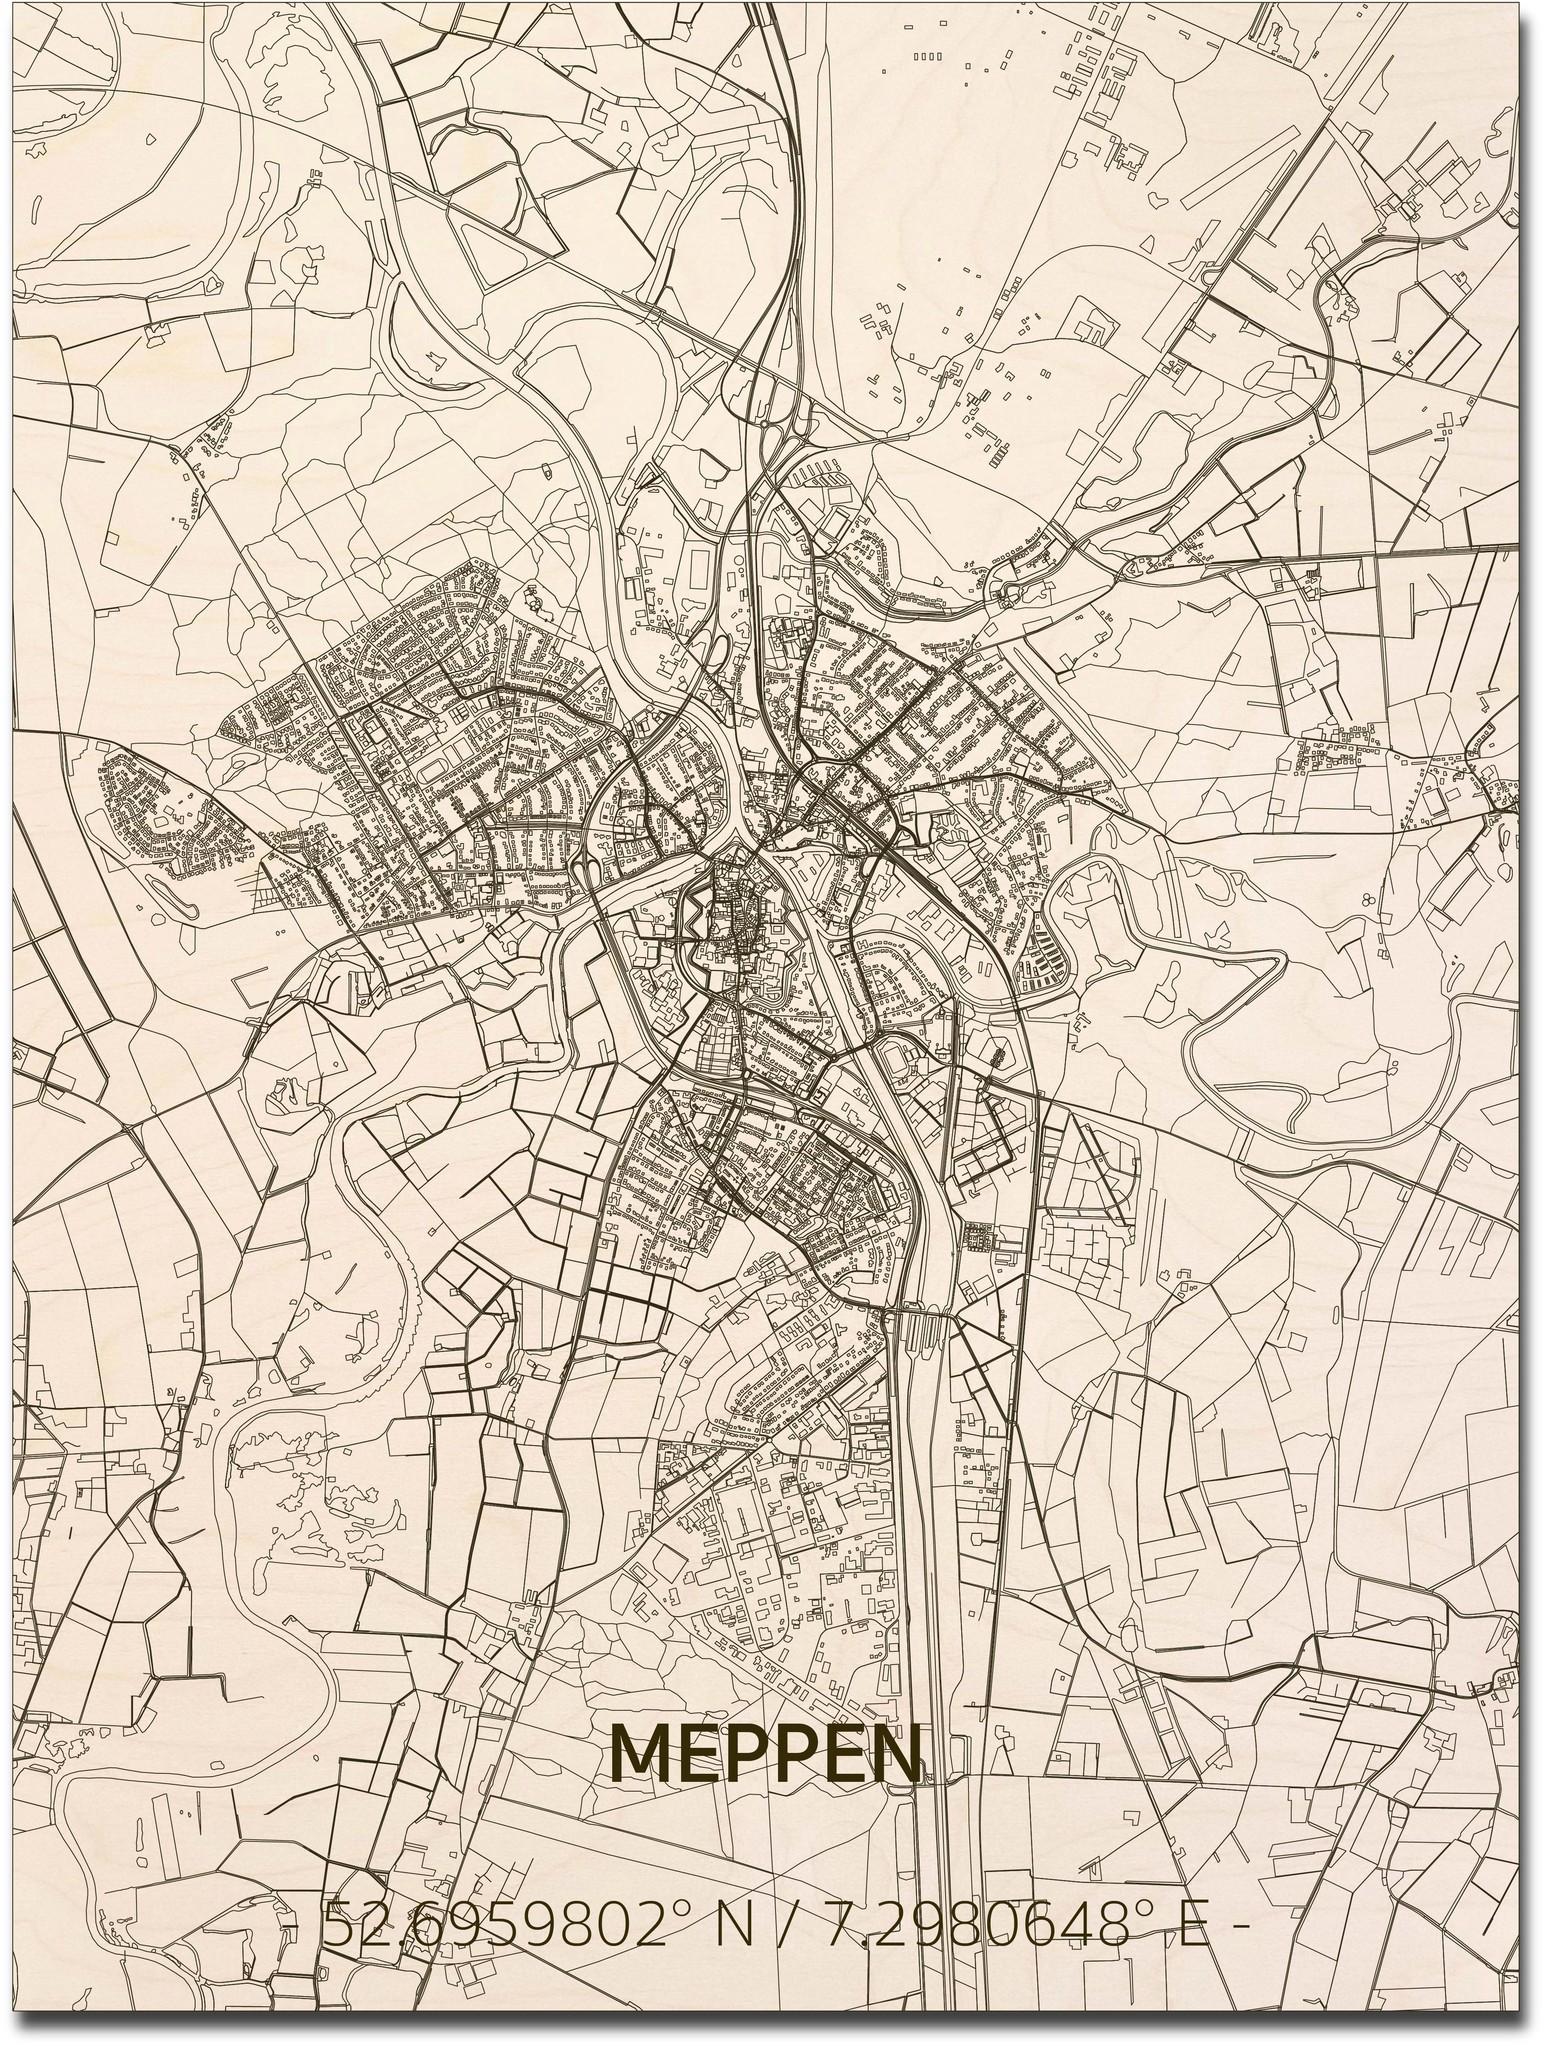 Stadtplan Meppen | Wanddekoration Holz-1